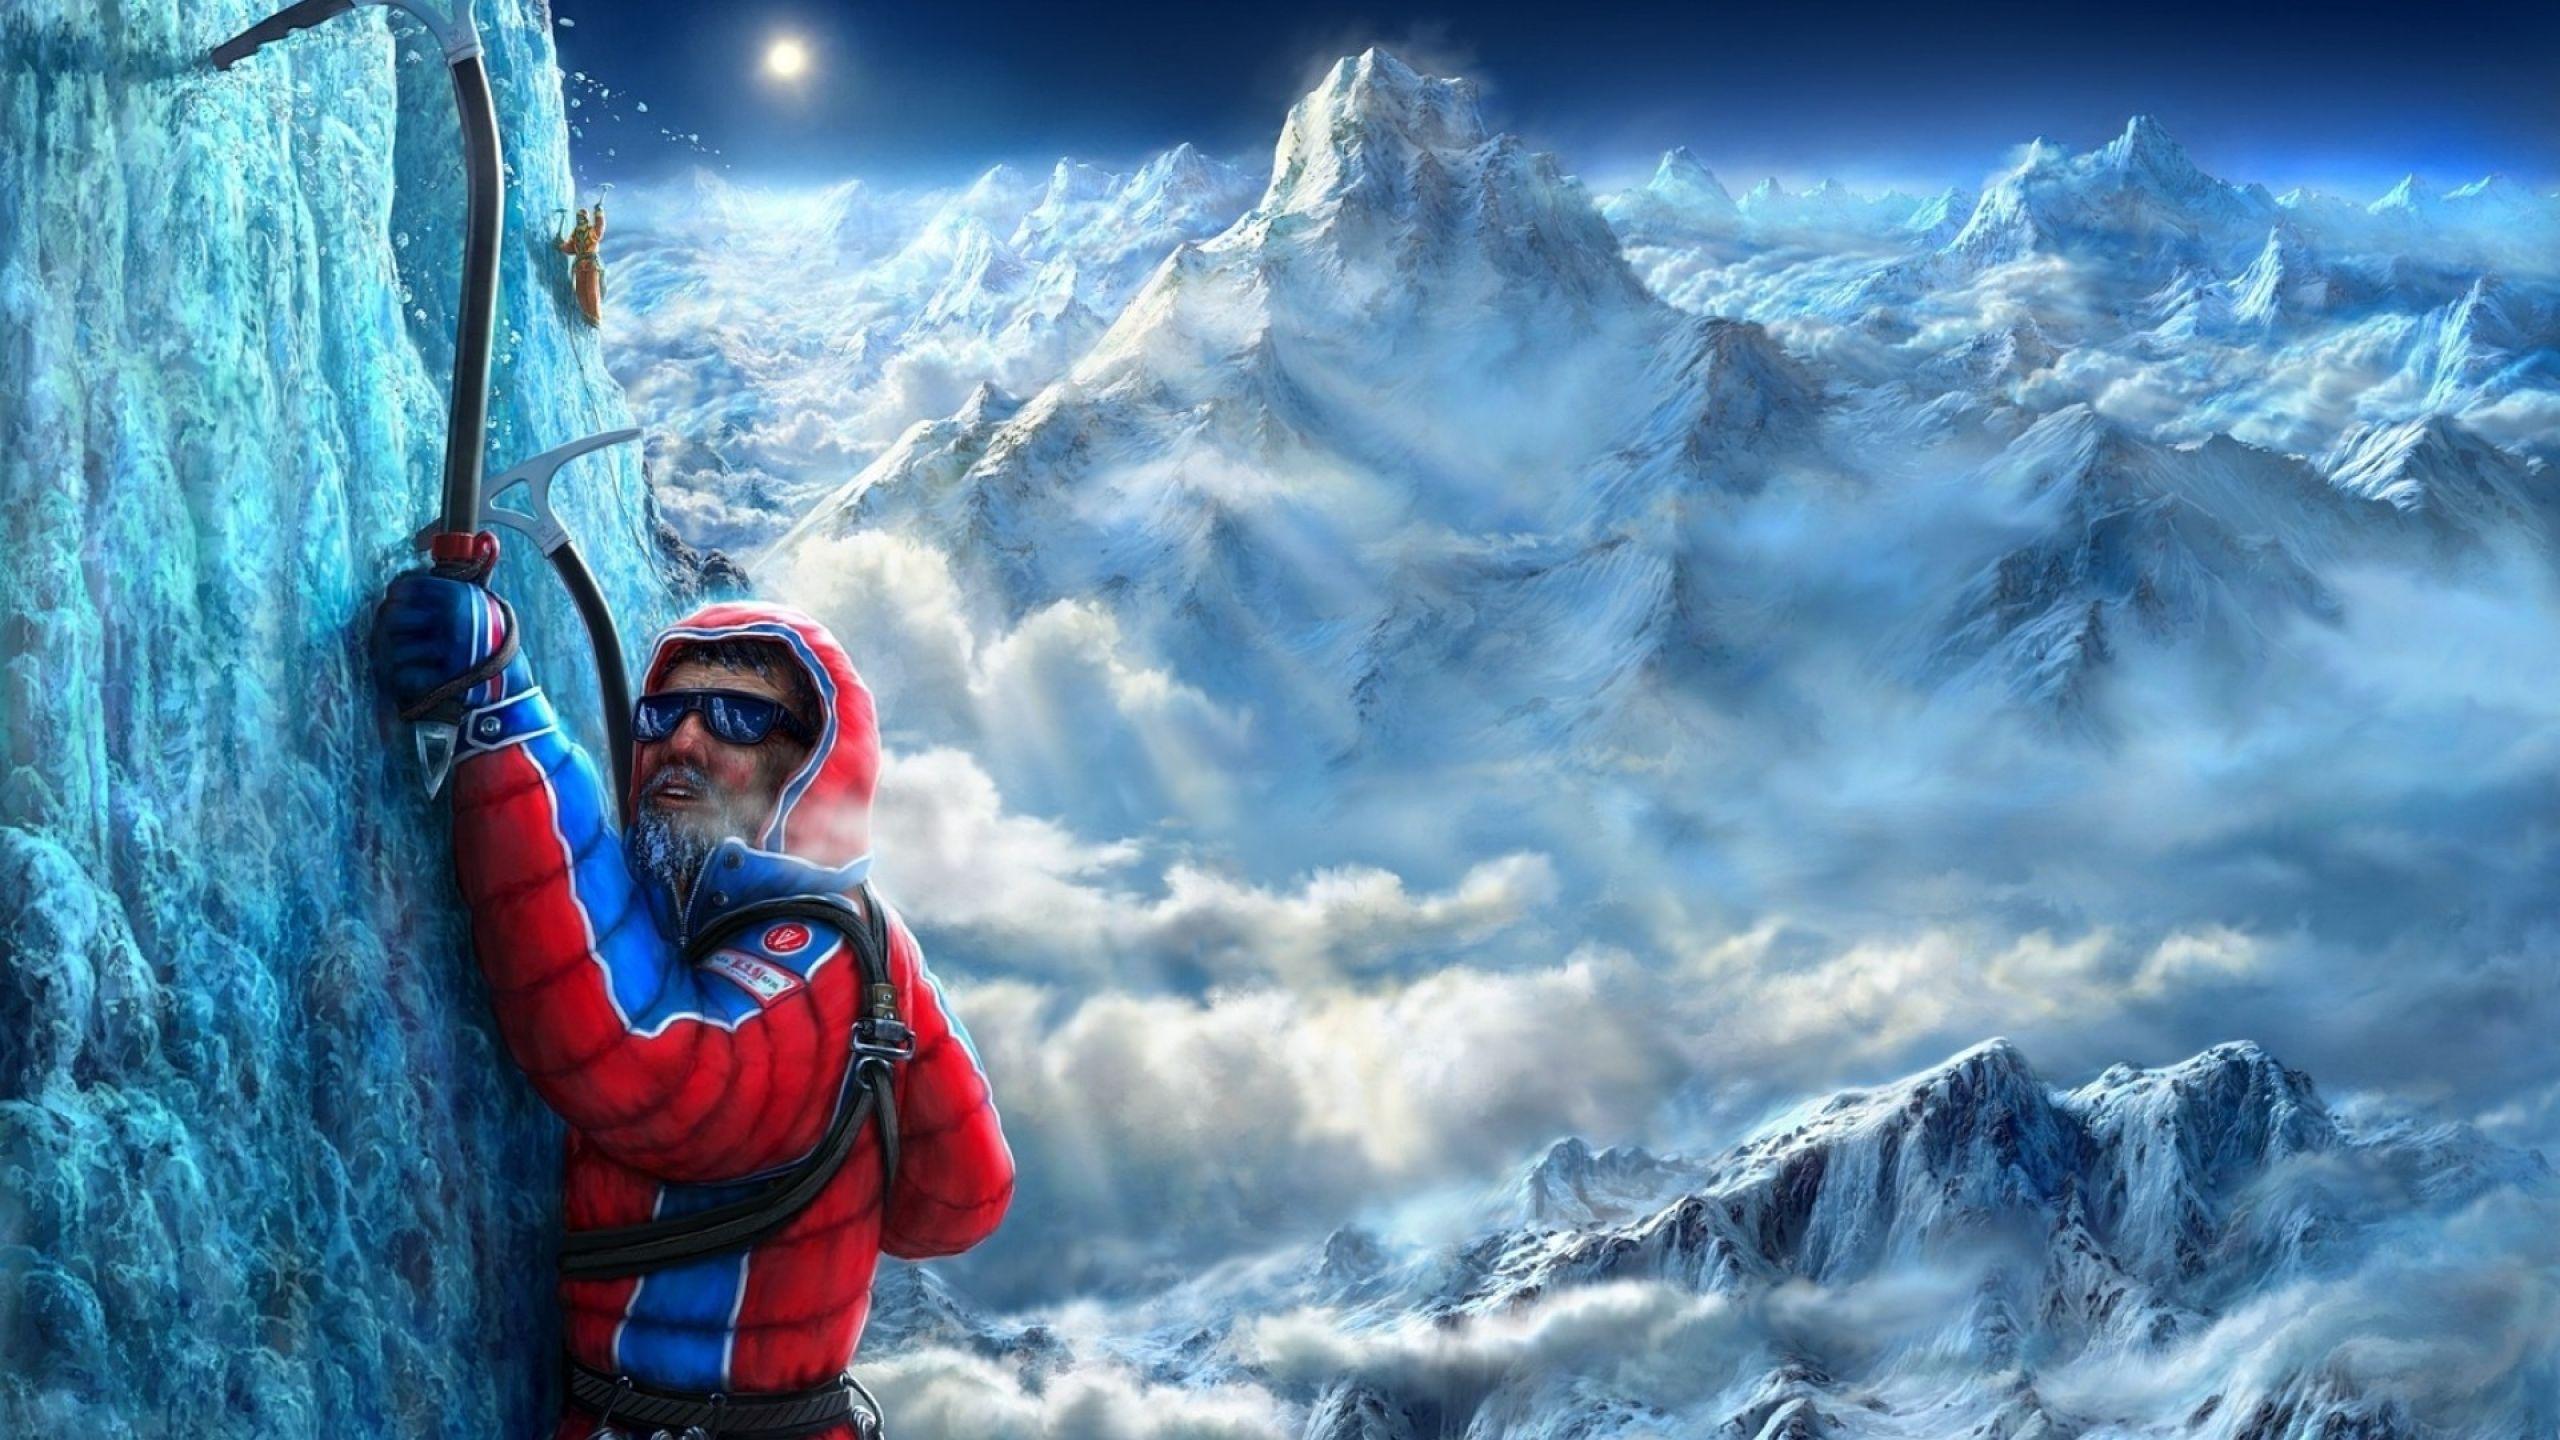 Fantasy Ice Climbing Ice Climbing Rock Climbing Mountain Climbing